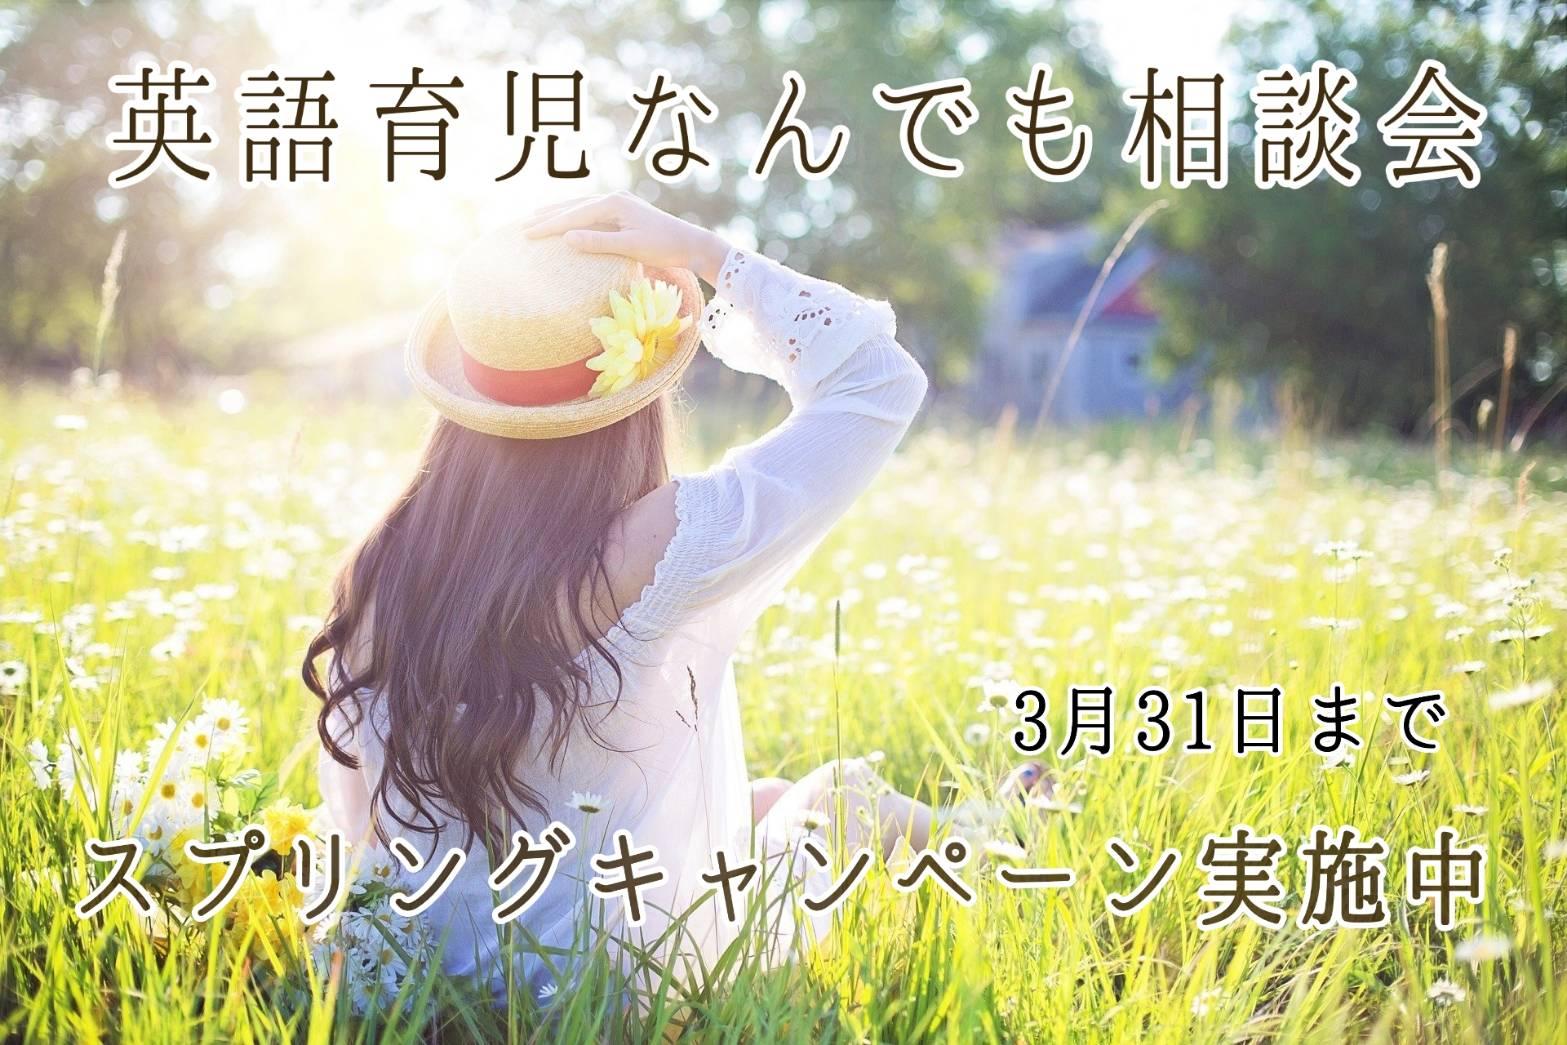 スプリングキャンペーン実施中!!